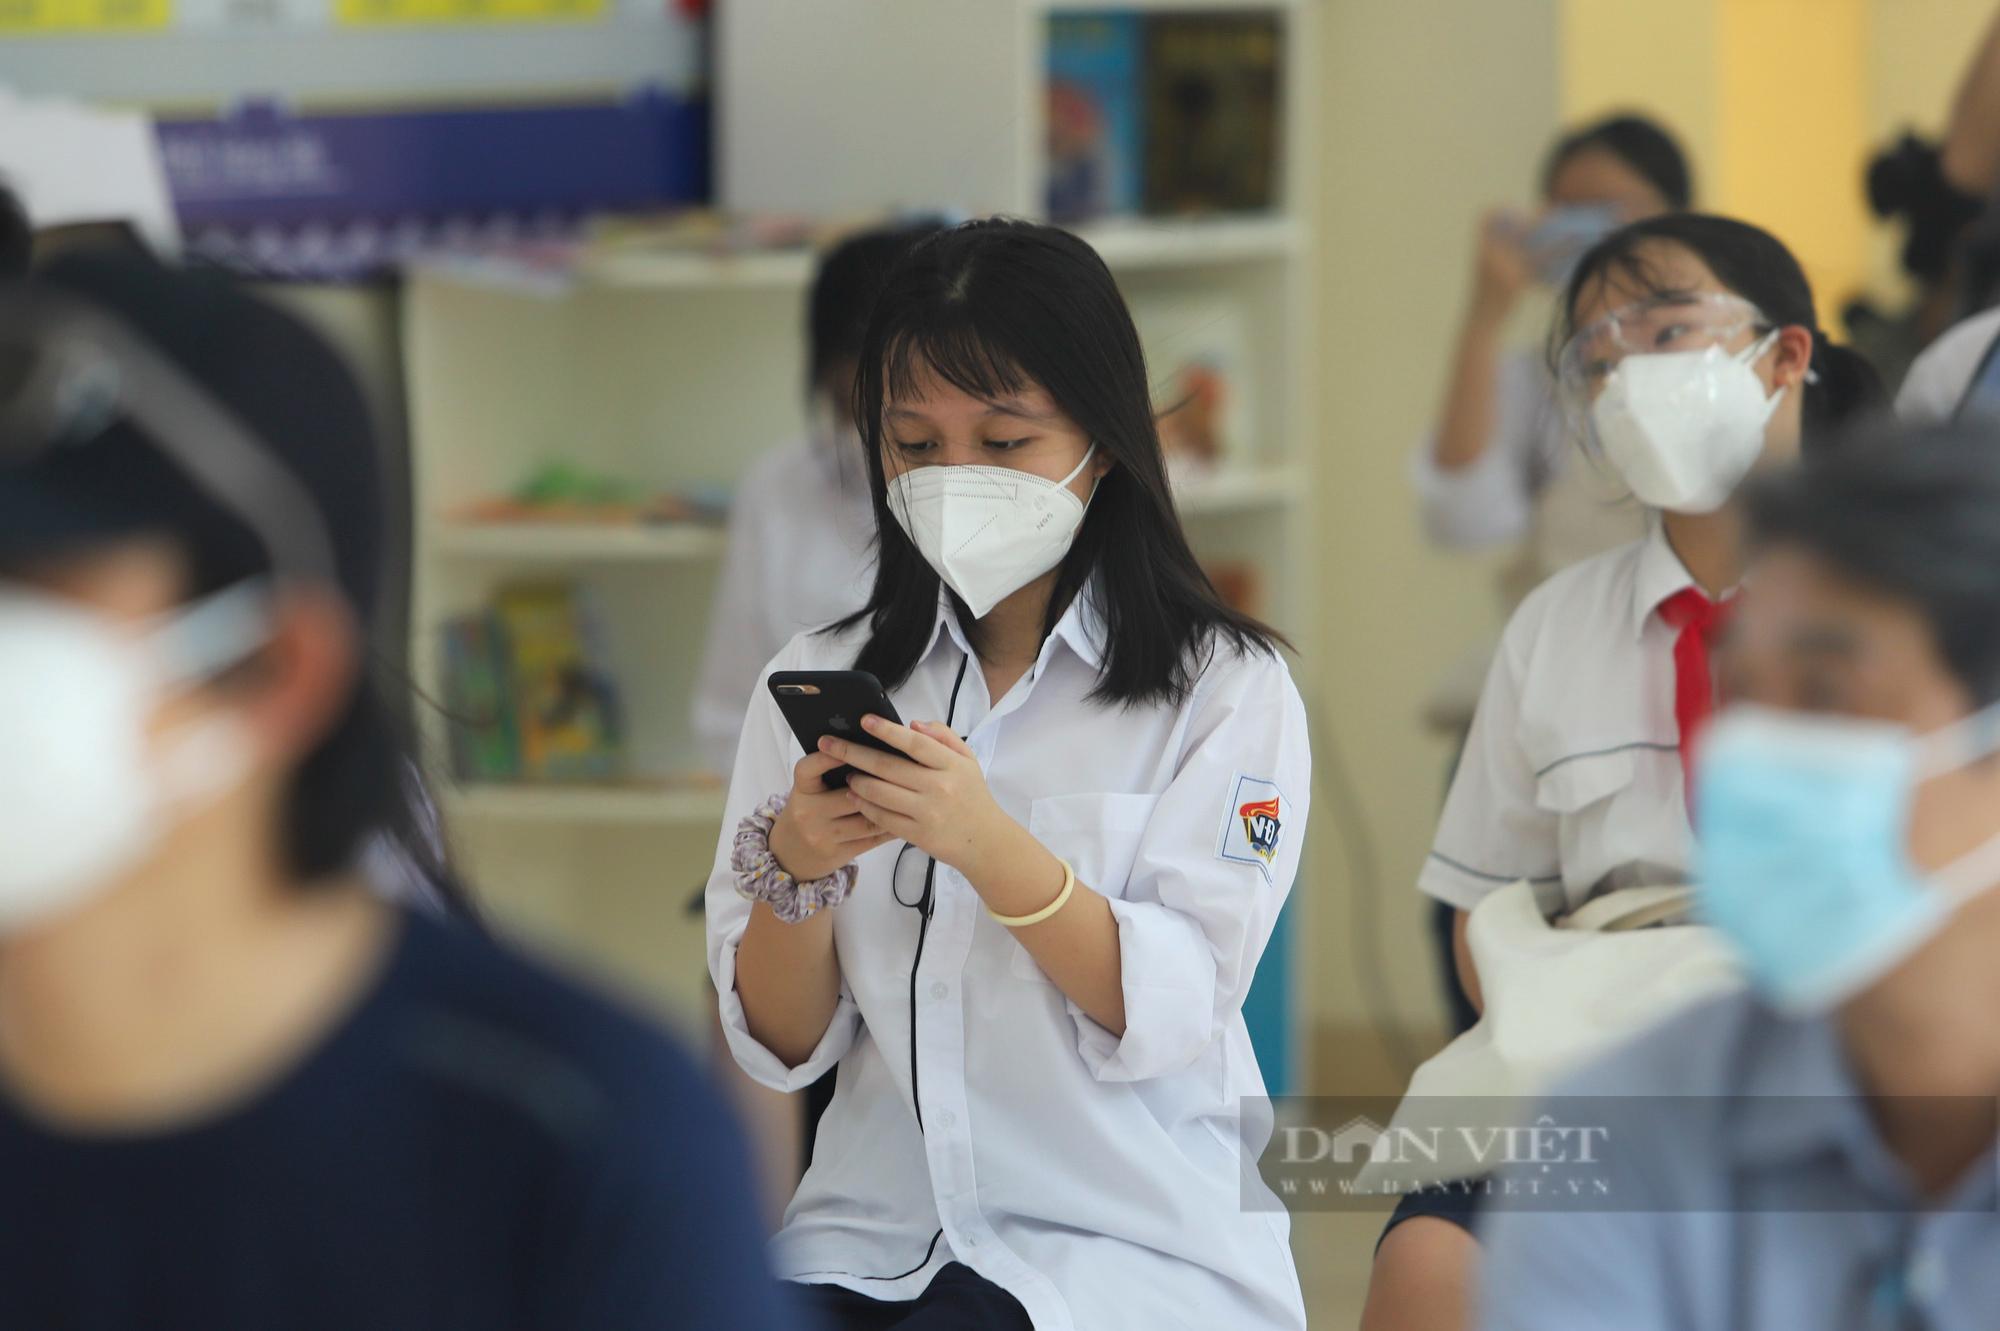 Hà Nội: Gấp rút chuẩn bị cho Lễ khai giảng online đặc biệt của Thủ đô - Ảnh 9.